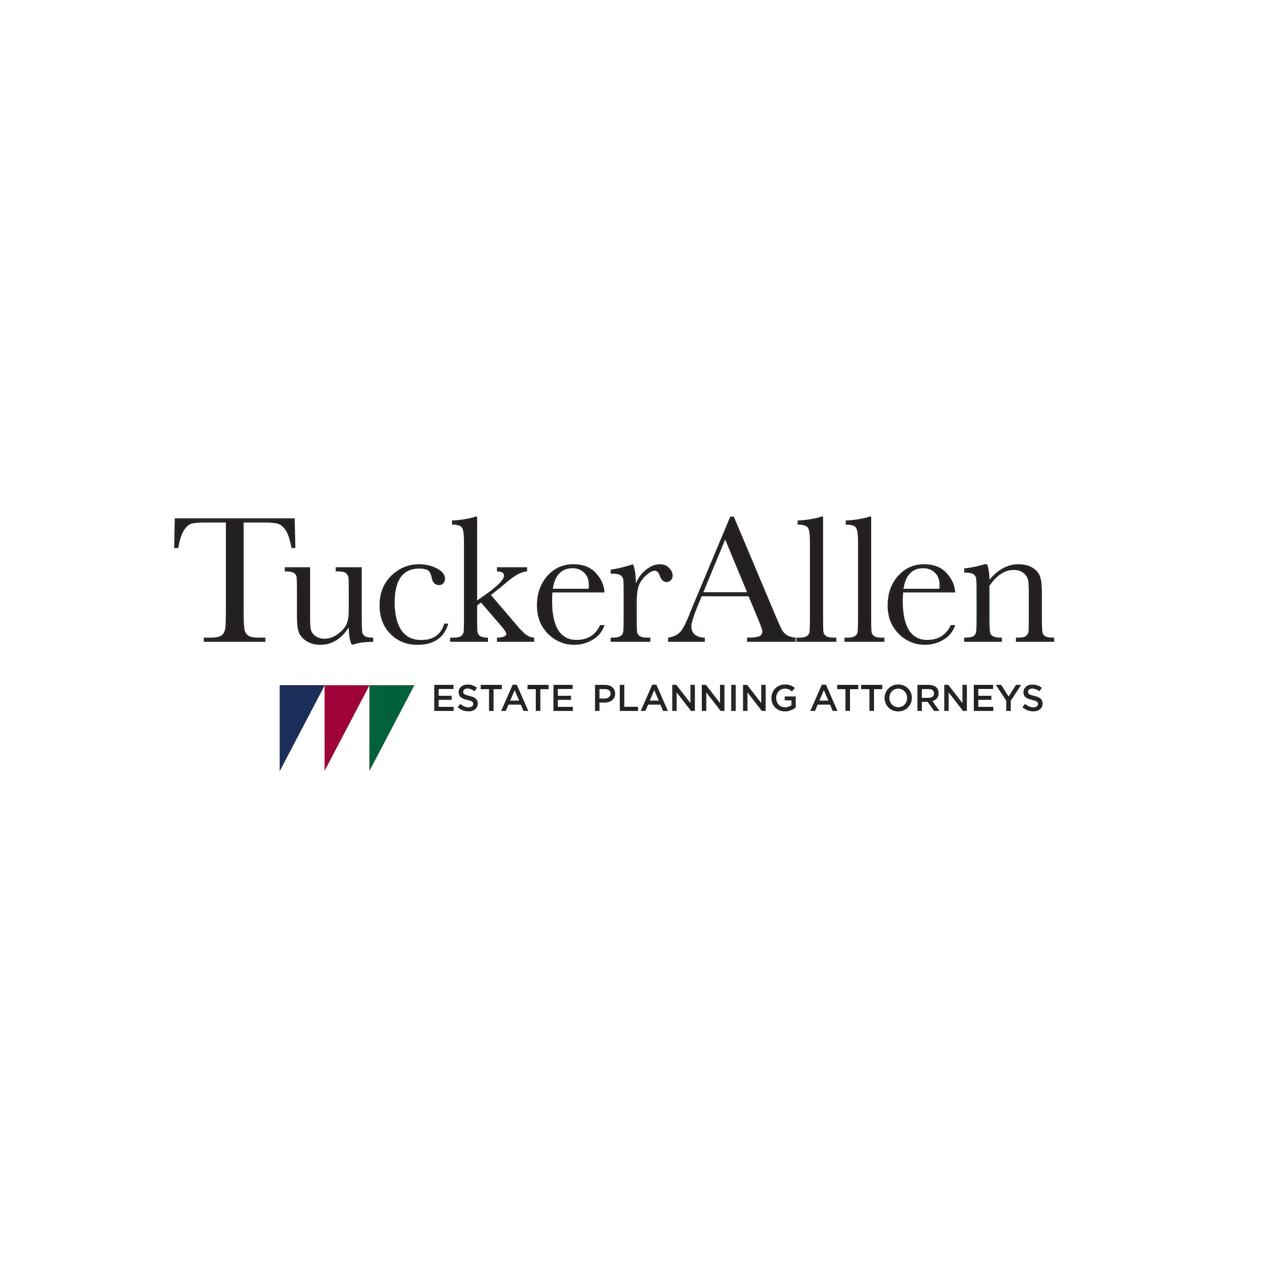 TuckerAllen